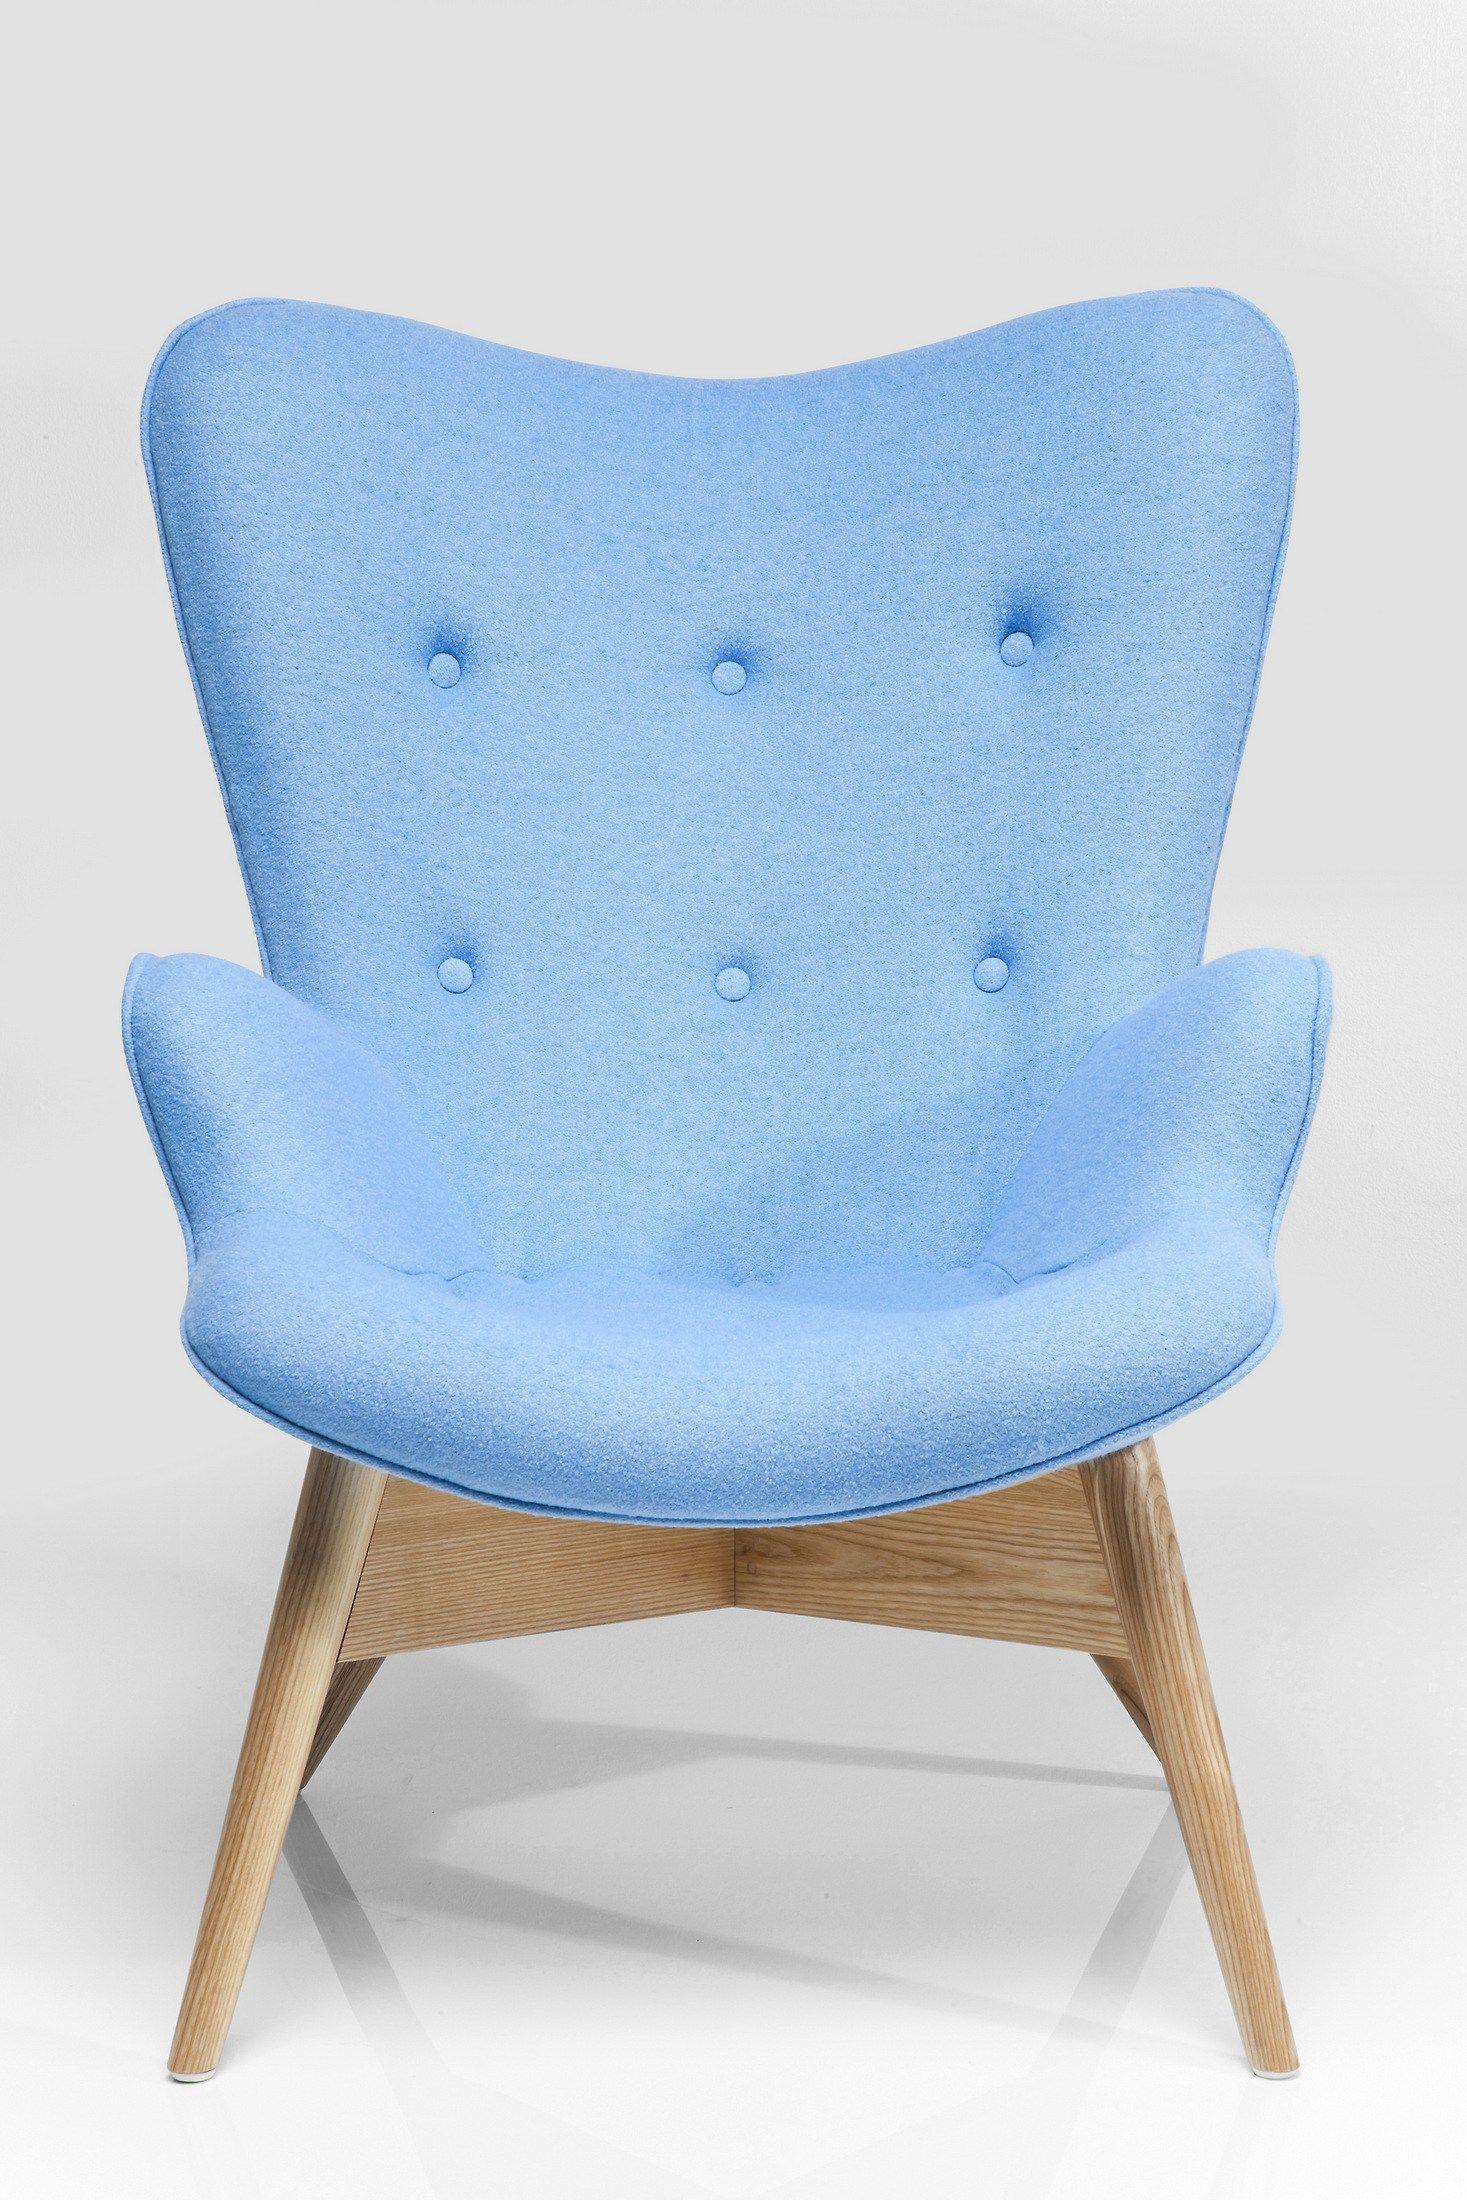 Angels Wings Eco Wool Armchair By Kare Design